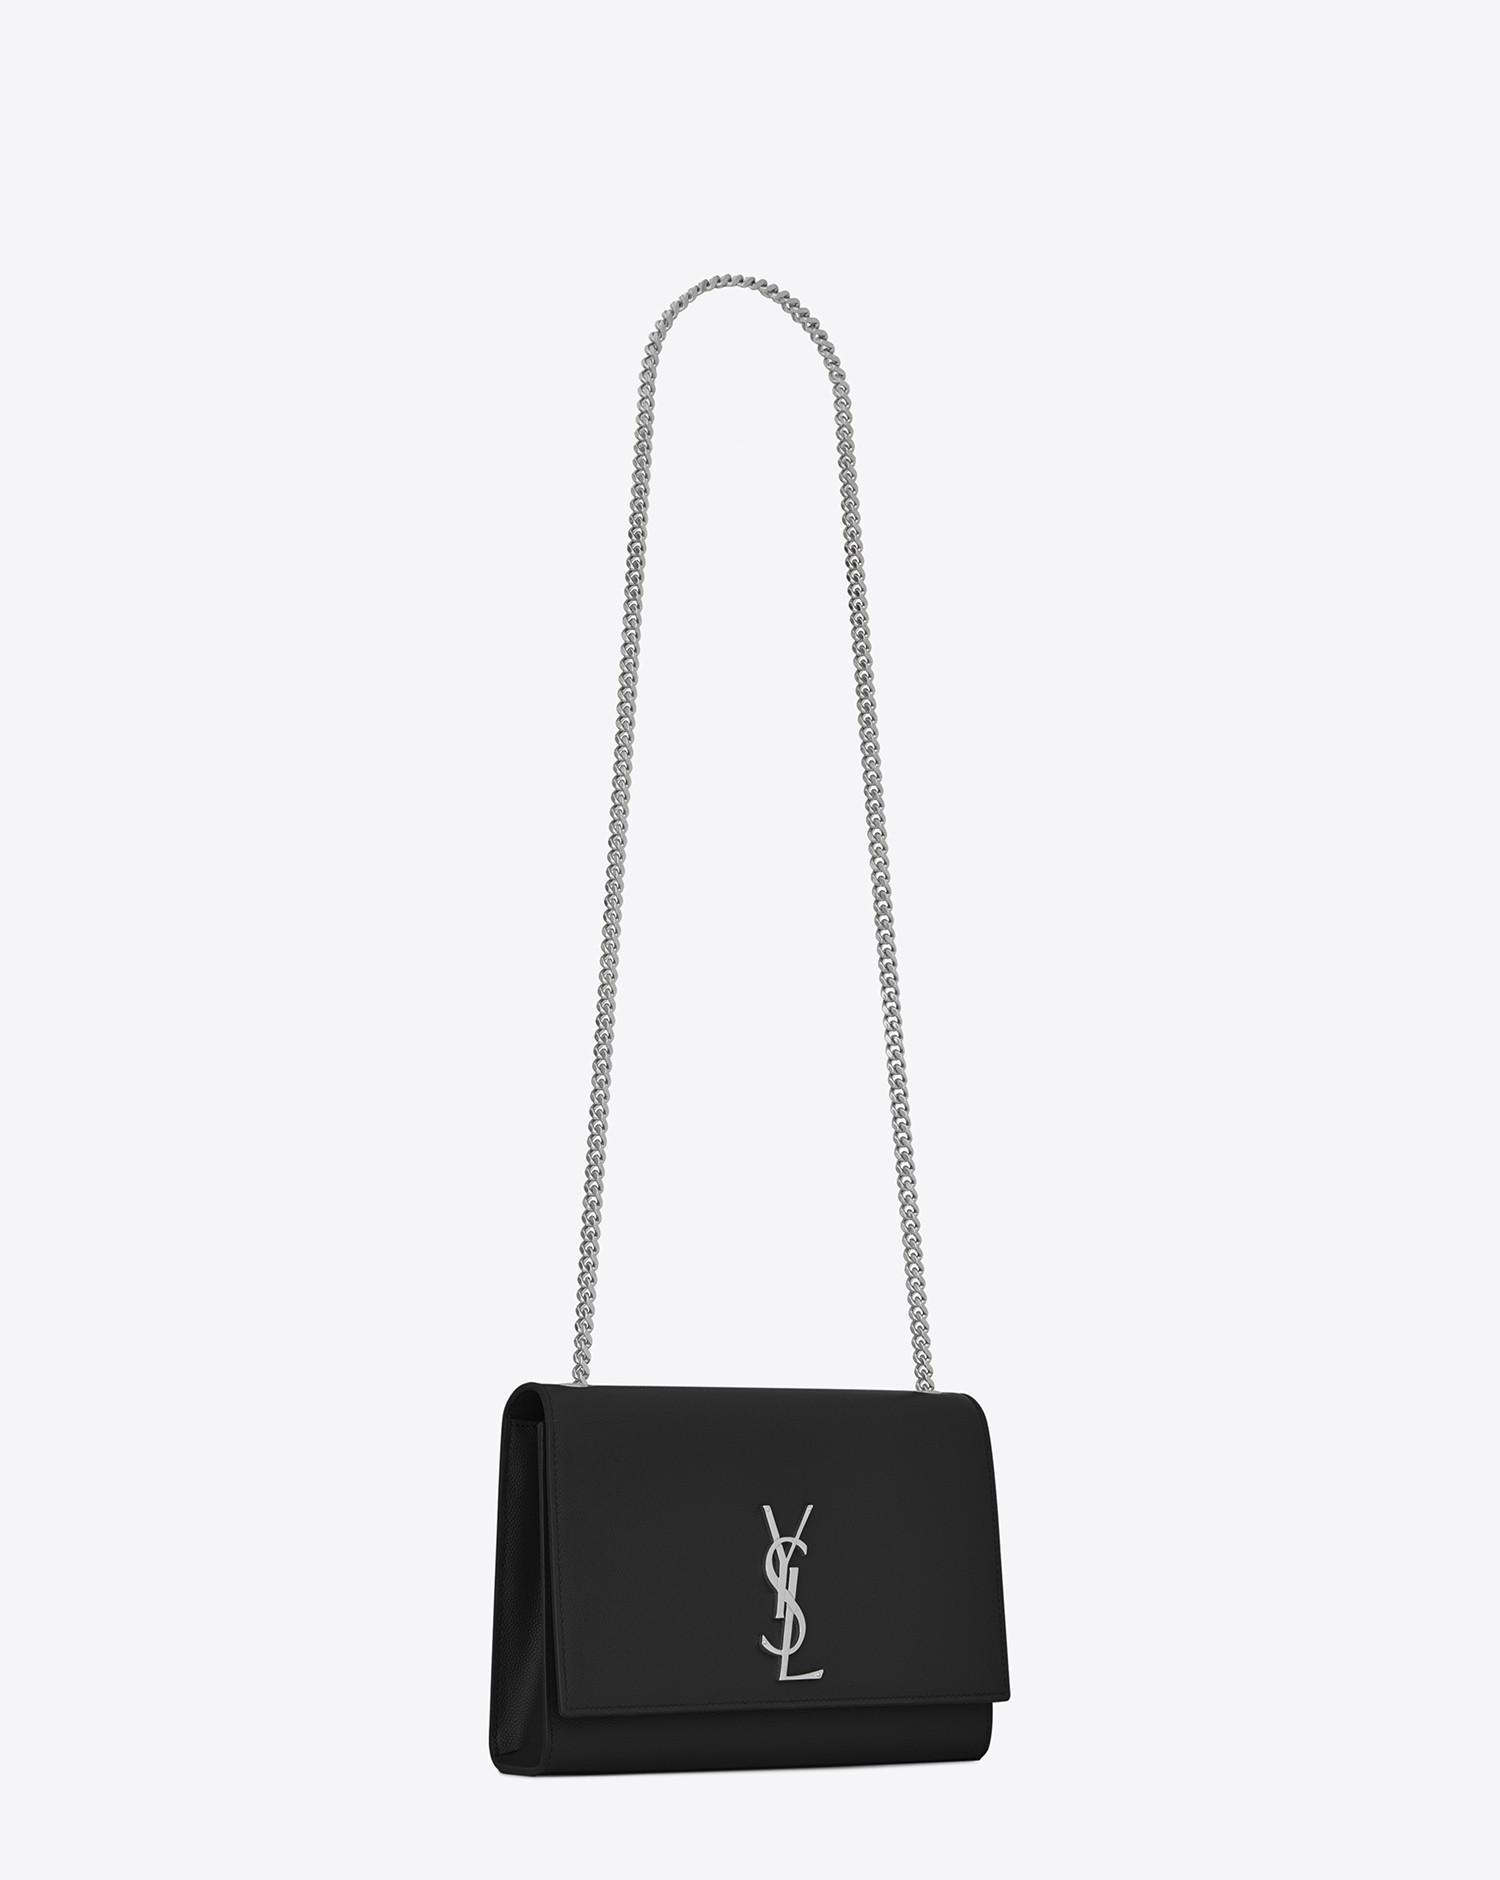 6a5417ce14 Women's Classic Medium Kate Satchel In Black Grain De Poudre Textured  Leather